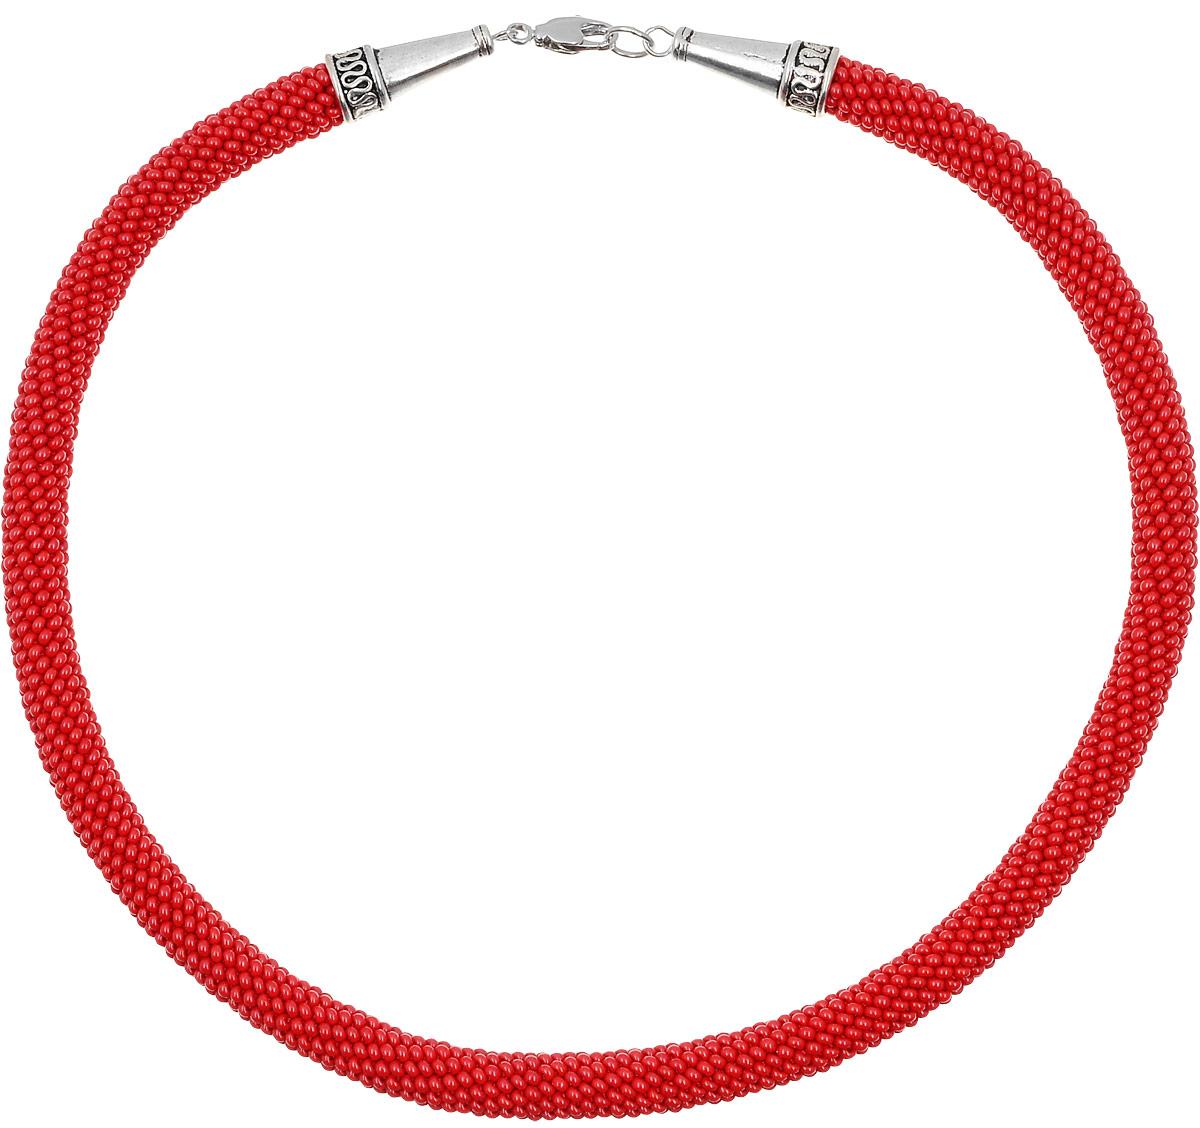 Колье-жгут Color Beads (бисер), цвет: красный. Ручная авторская работа. СВ93210bСВ93210bКолье-жгут Color beads ручной работы изготовлен из пластика и текстиля. Изделие связано из бисера и застегивается с помощью замка- карабина.